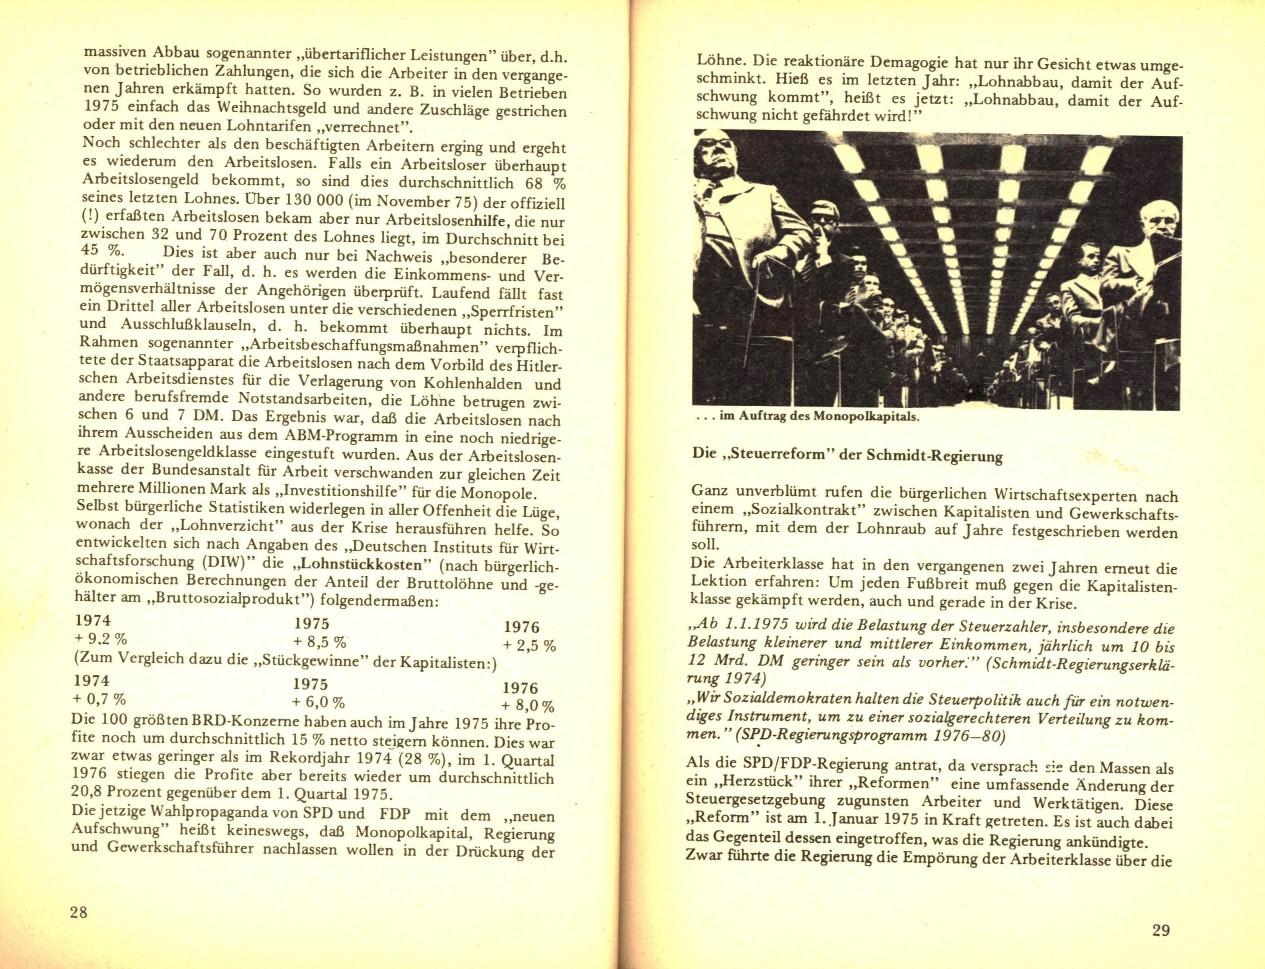 KPDAO_1976_Agitationsbroschuere_zur_BTW_16